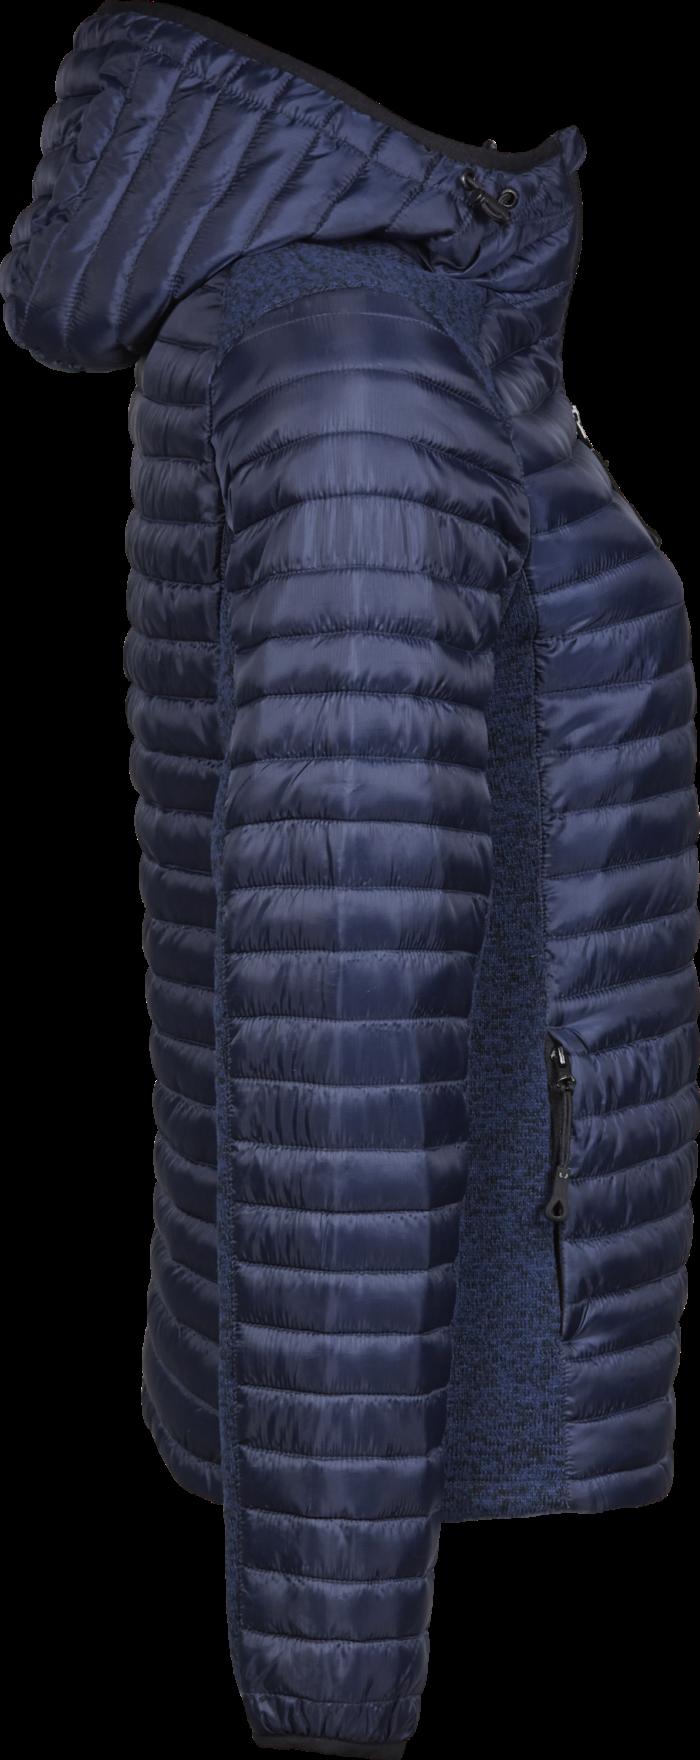 9611_Femme_Hooded_Outdoor_Crossover_Extérieur: 100% polyester (Ribstop 400T / tricoté) -Rembourrage et doublure: 100% polyester -Hydrofuge -Capuche réglable -Fermetures à glissière de qualité inversées -2 grandes poches à l'avant, poche intérieure -Poignets élastiqués -Ourlet réglable -Préparé pour la broderie, Tee Jays, 109 t-shirts